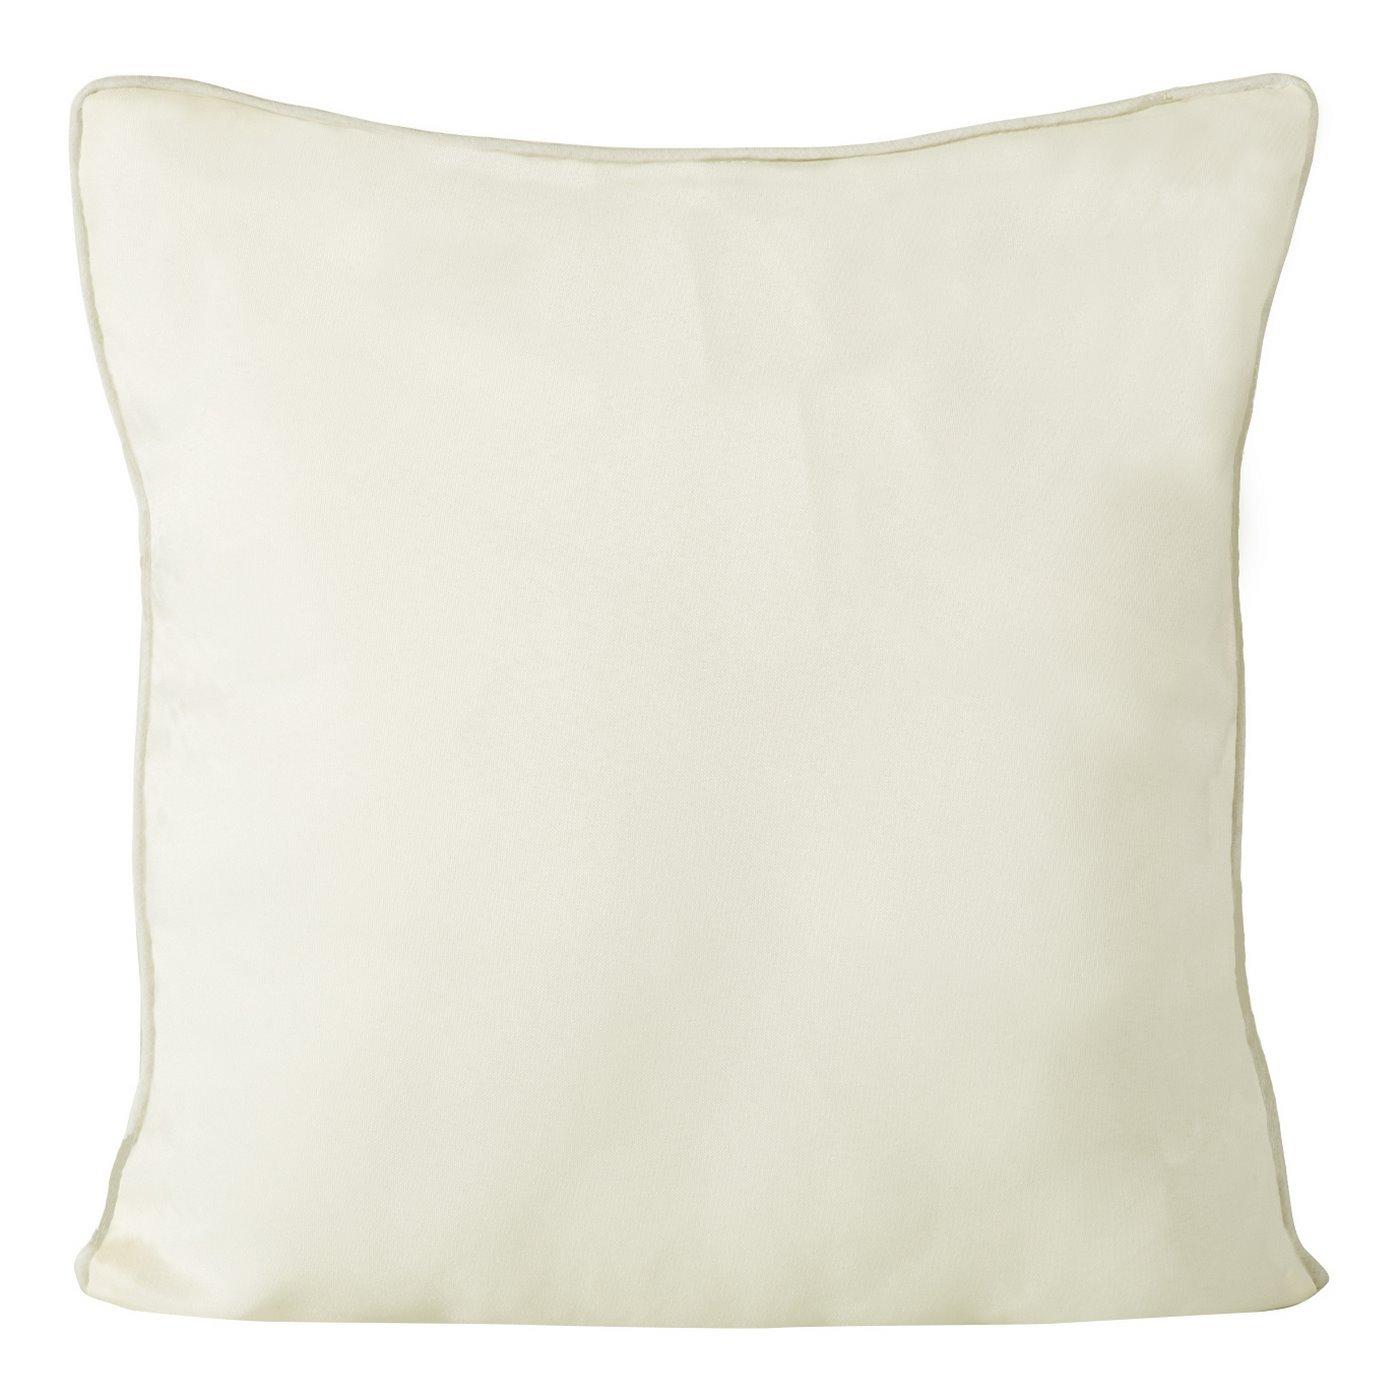 Poszewka na poduszkę gładka z lamówką 50 x 50 cm kremowa